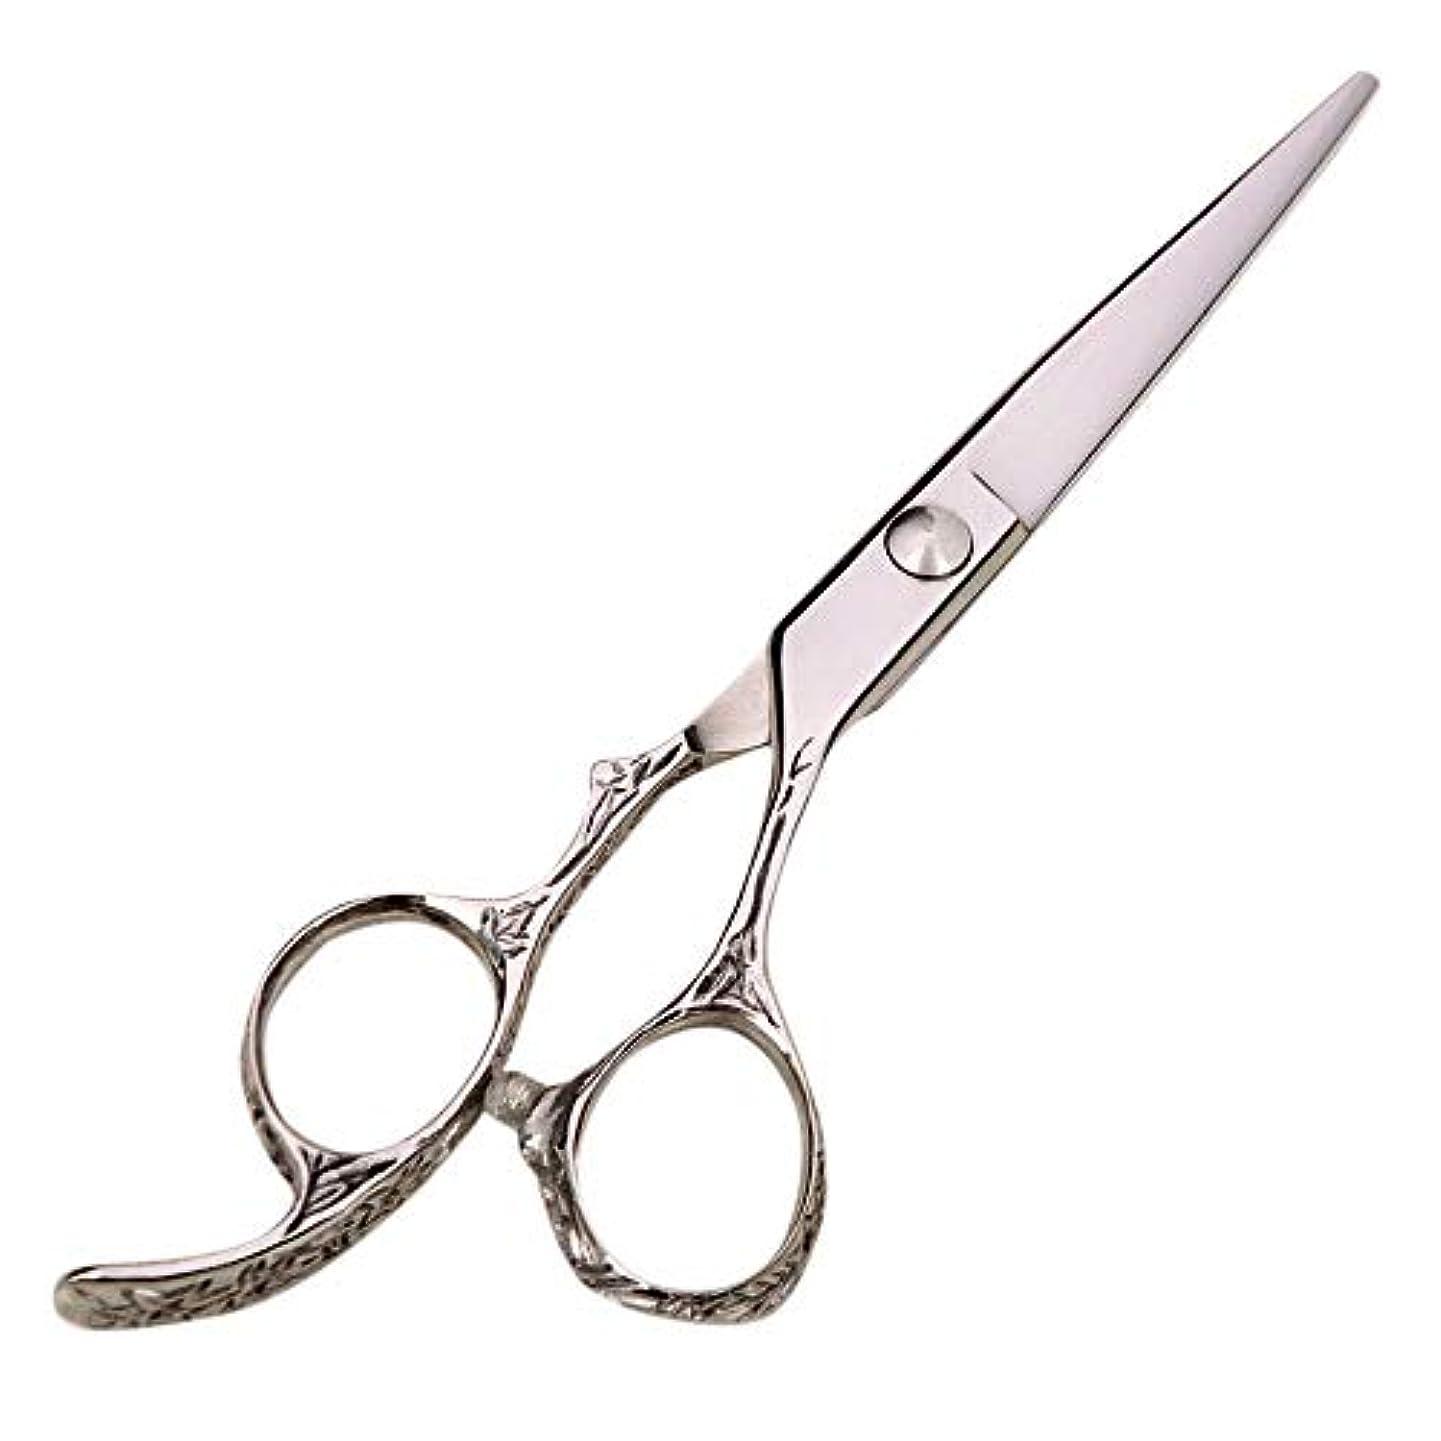 ポイント縮れた期待するGoodsok-jp 6インチプロフェッショナルハイエンド理髪はさみヘアサロン理髪ツール (色 : Silver)